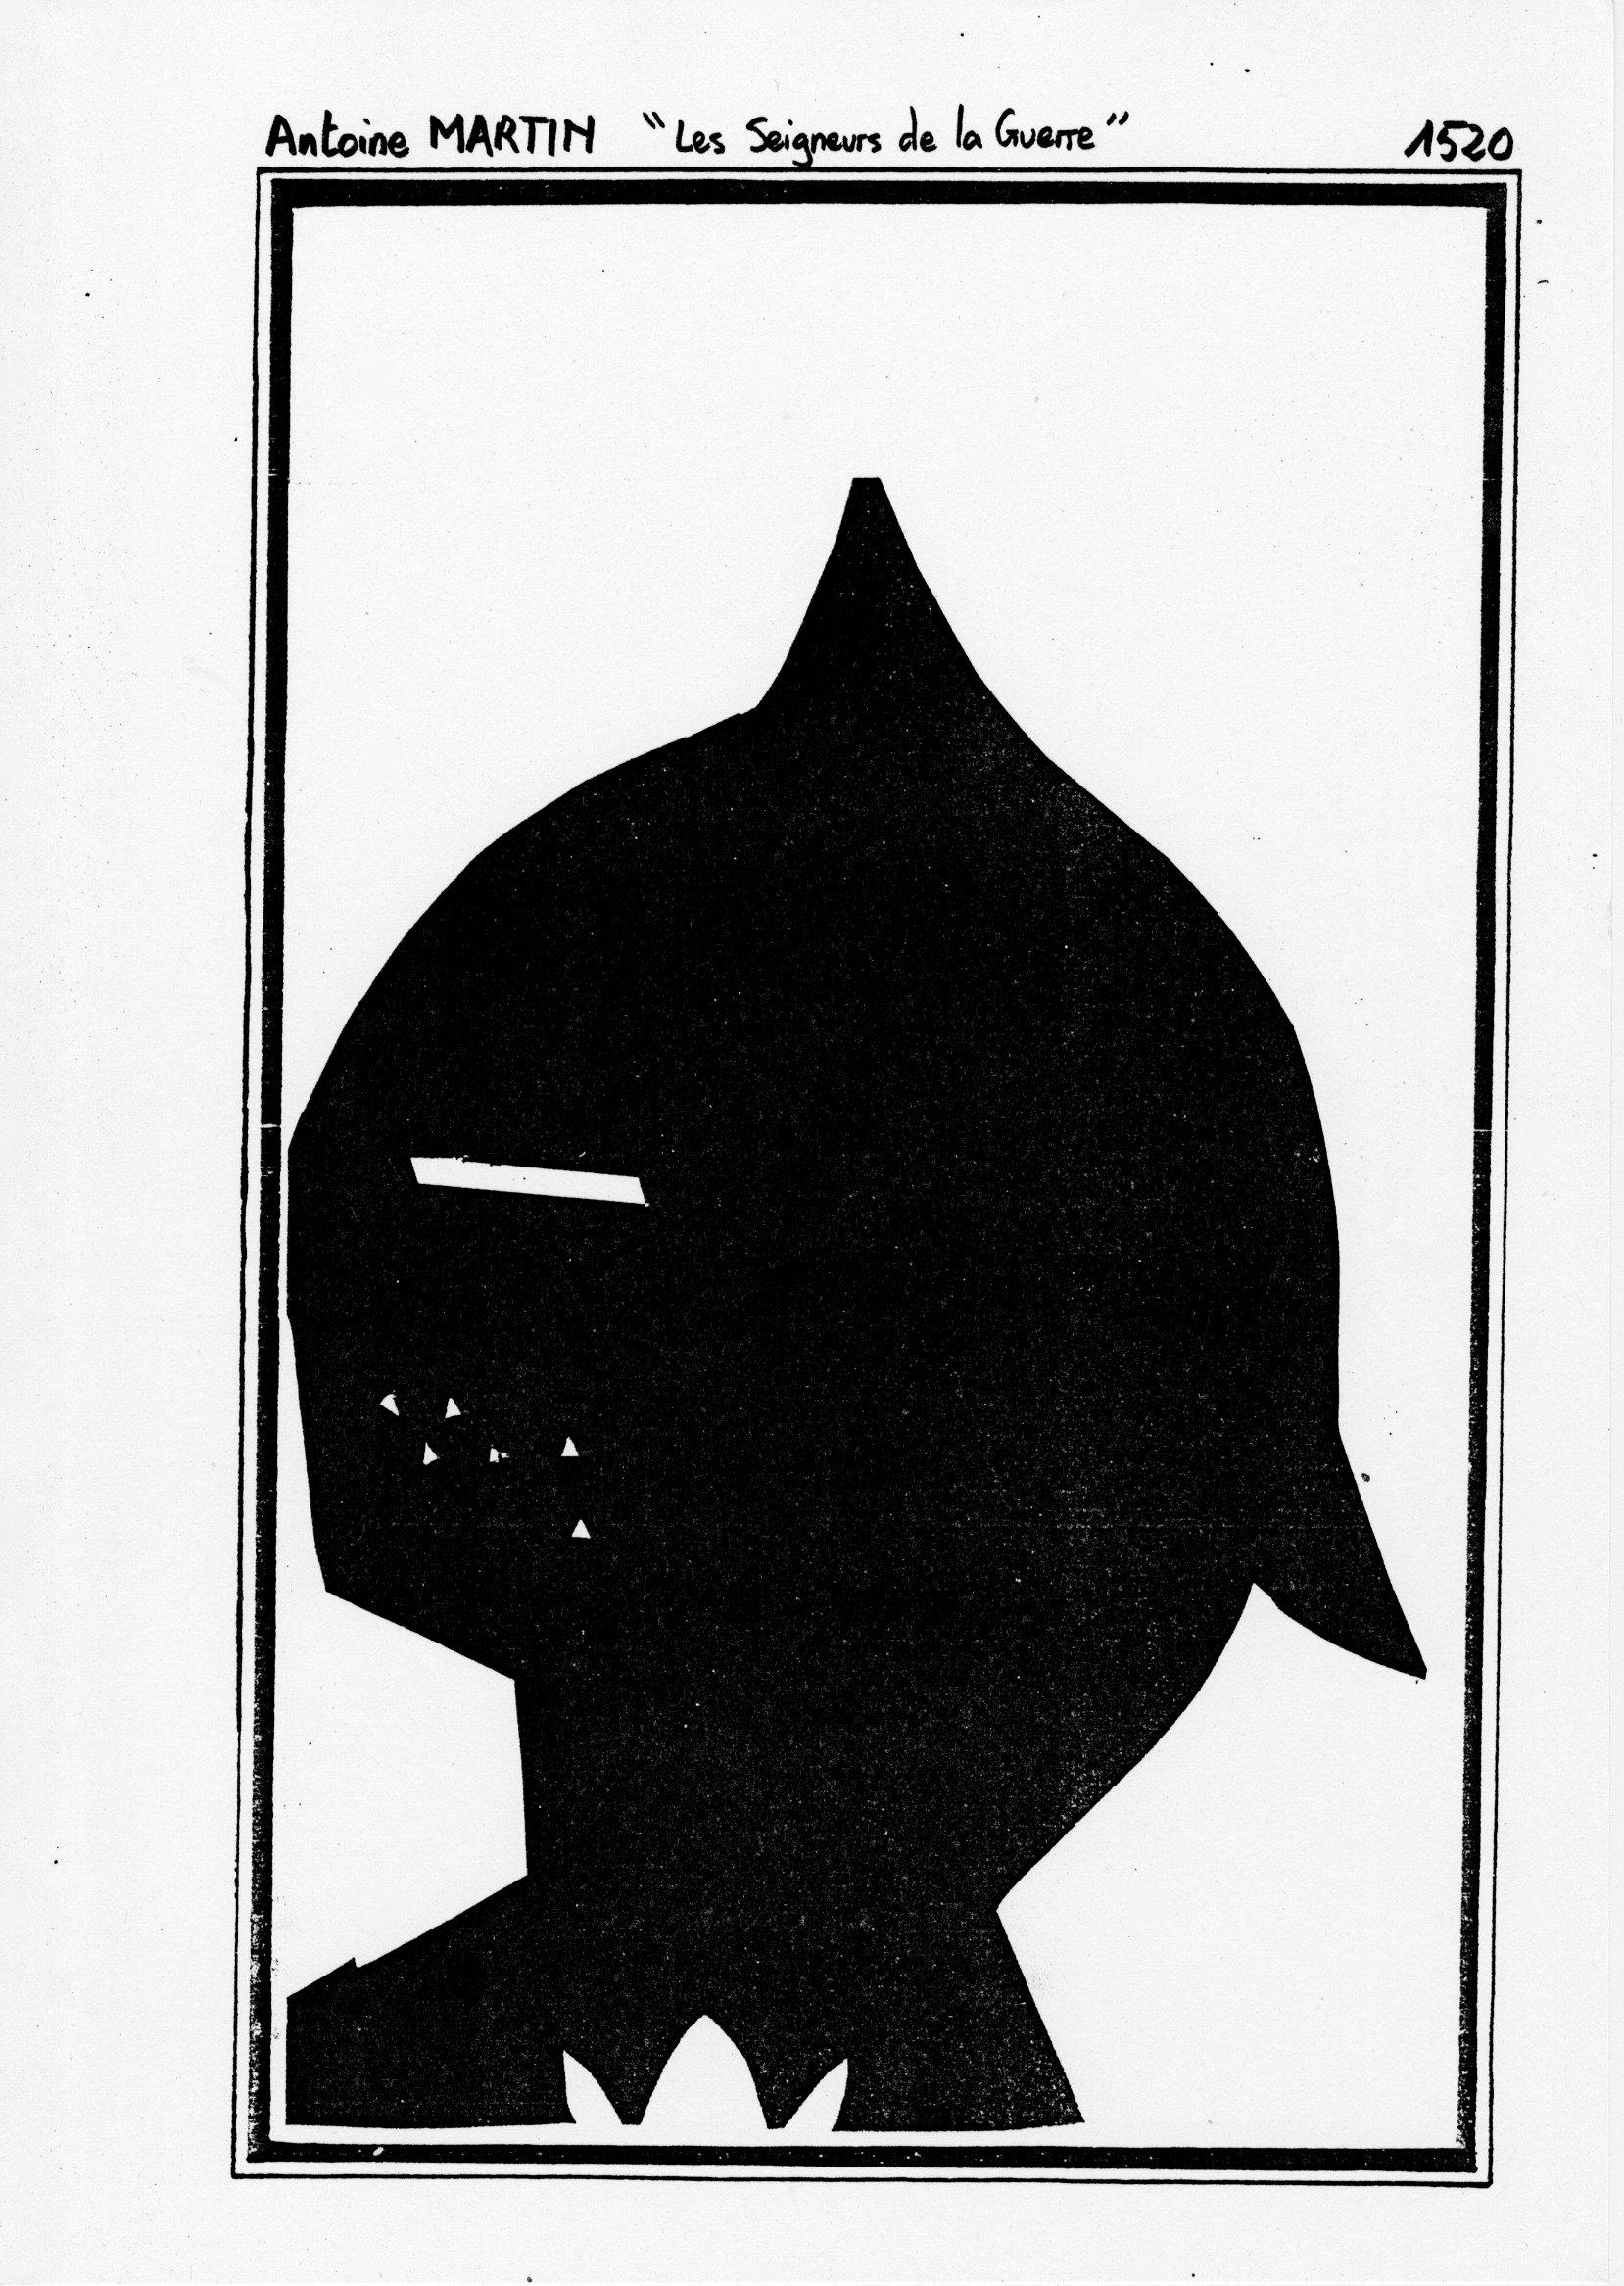 page 1520 A. Martin LES SEIGNEURS DE LA GUERRE